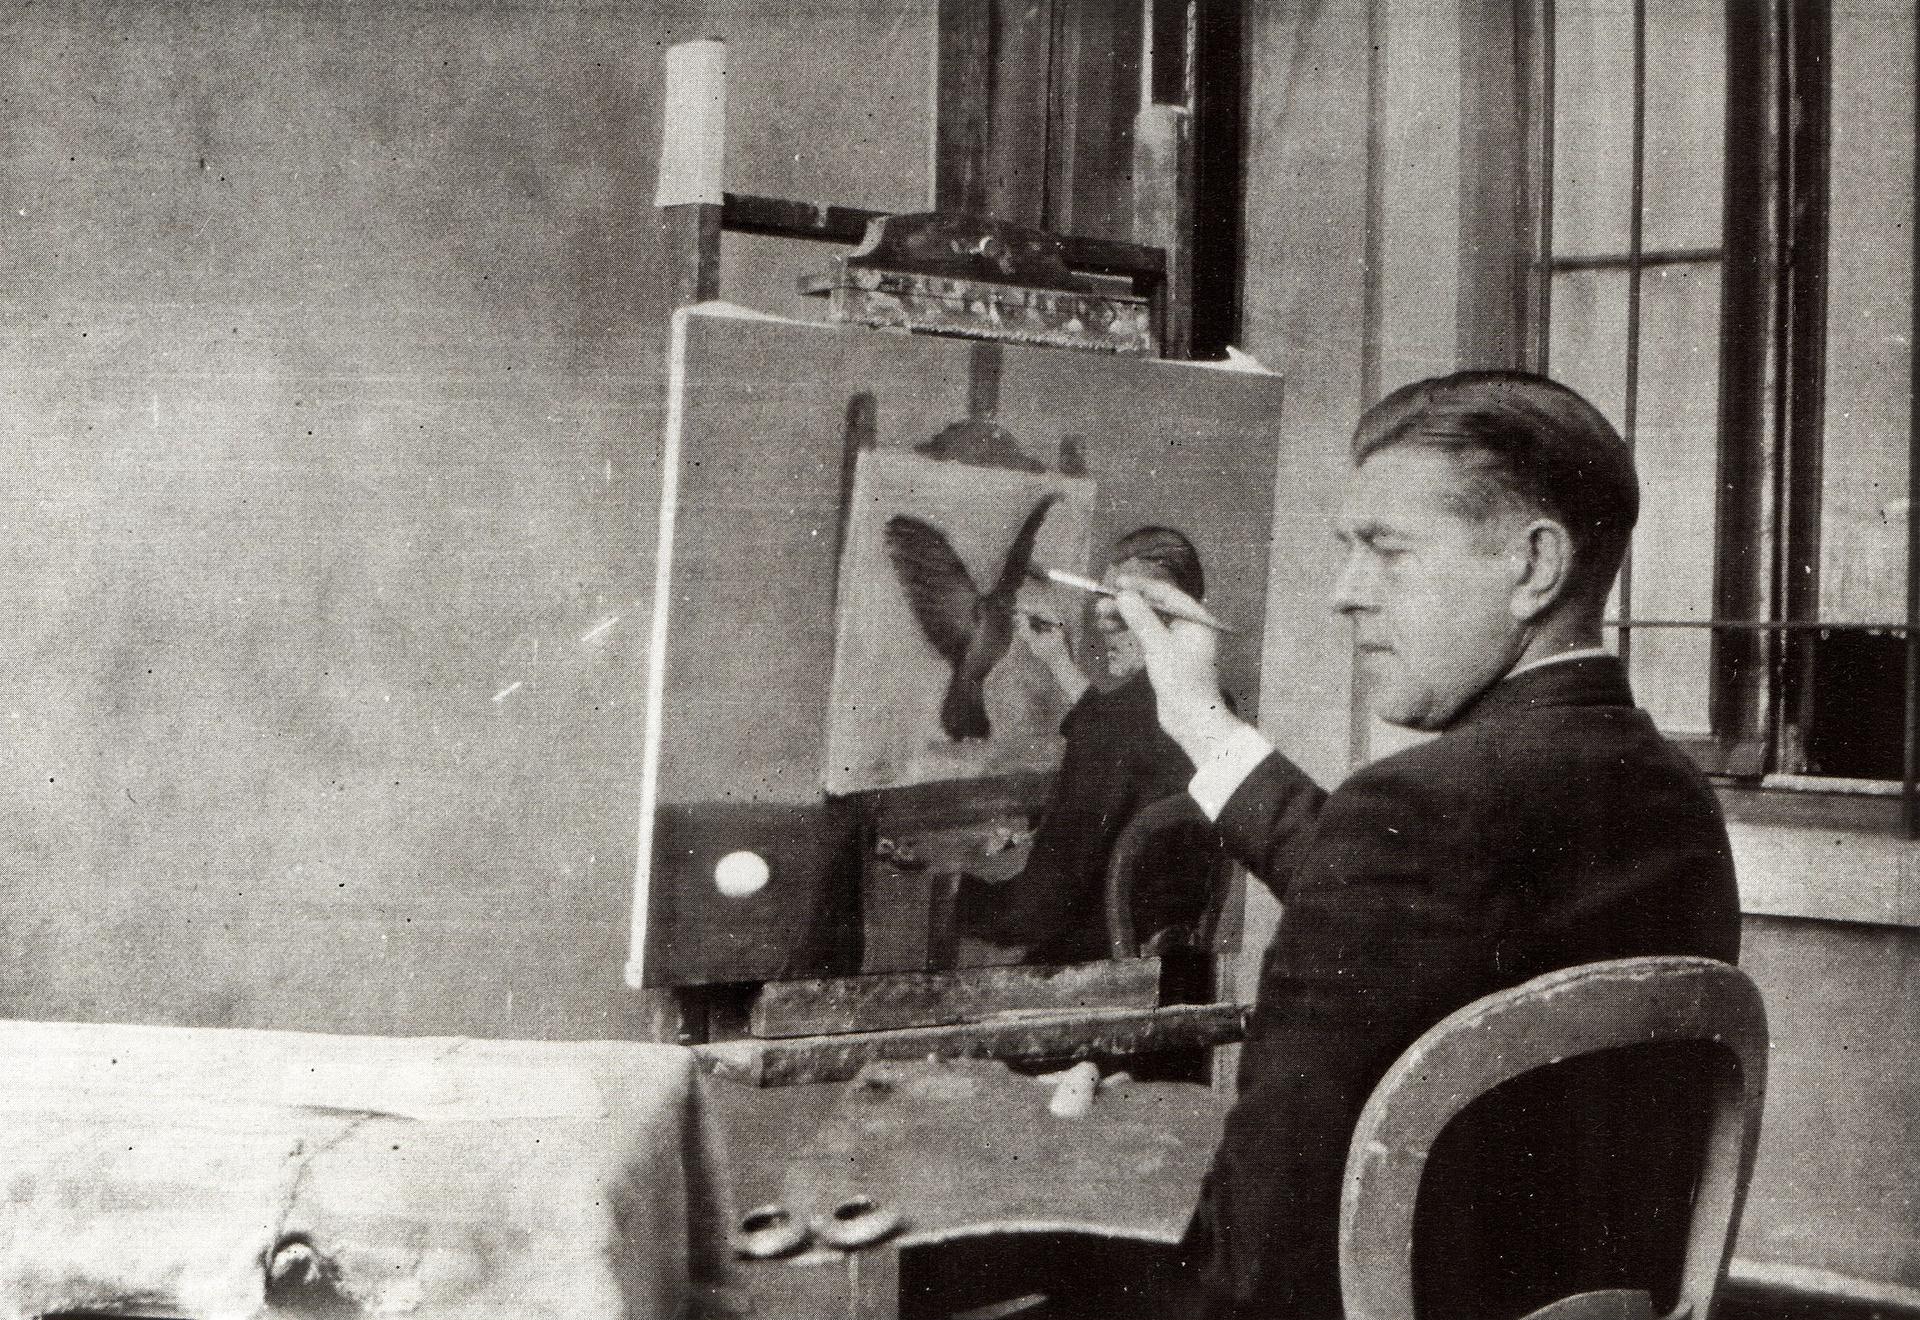 Újabb része került elő René Magritte rejtélyes festményének